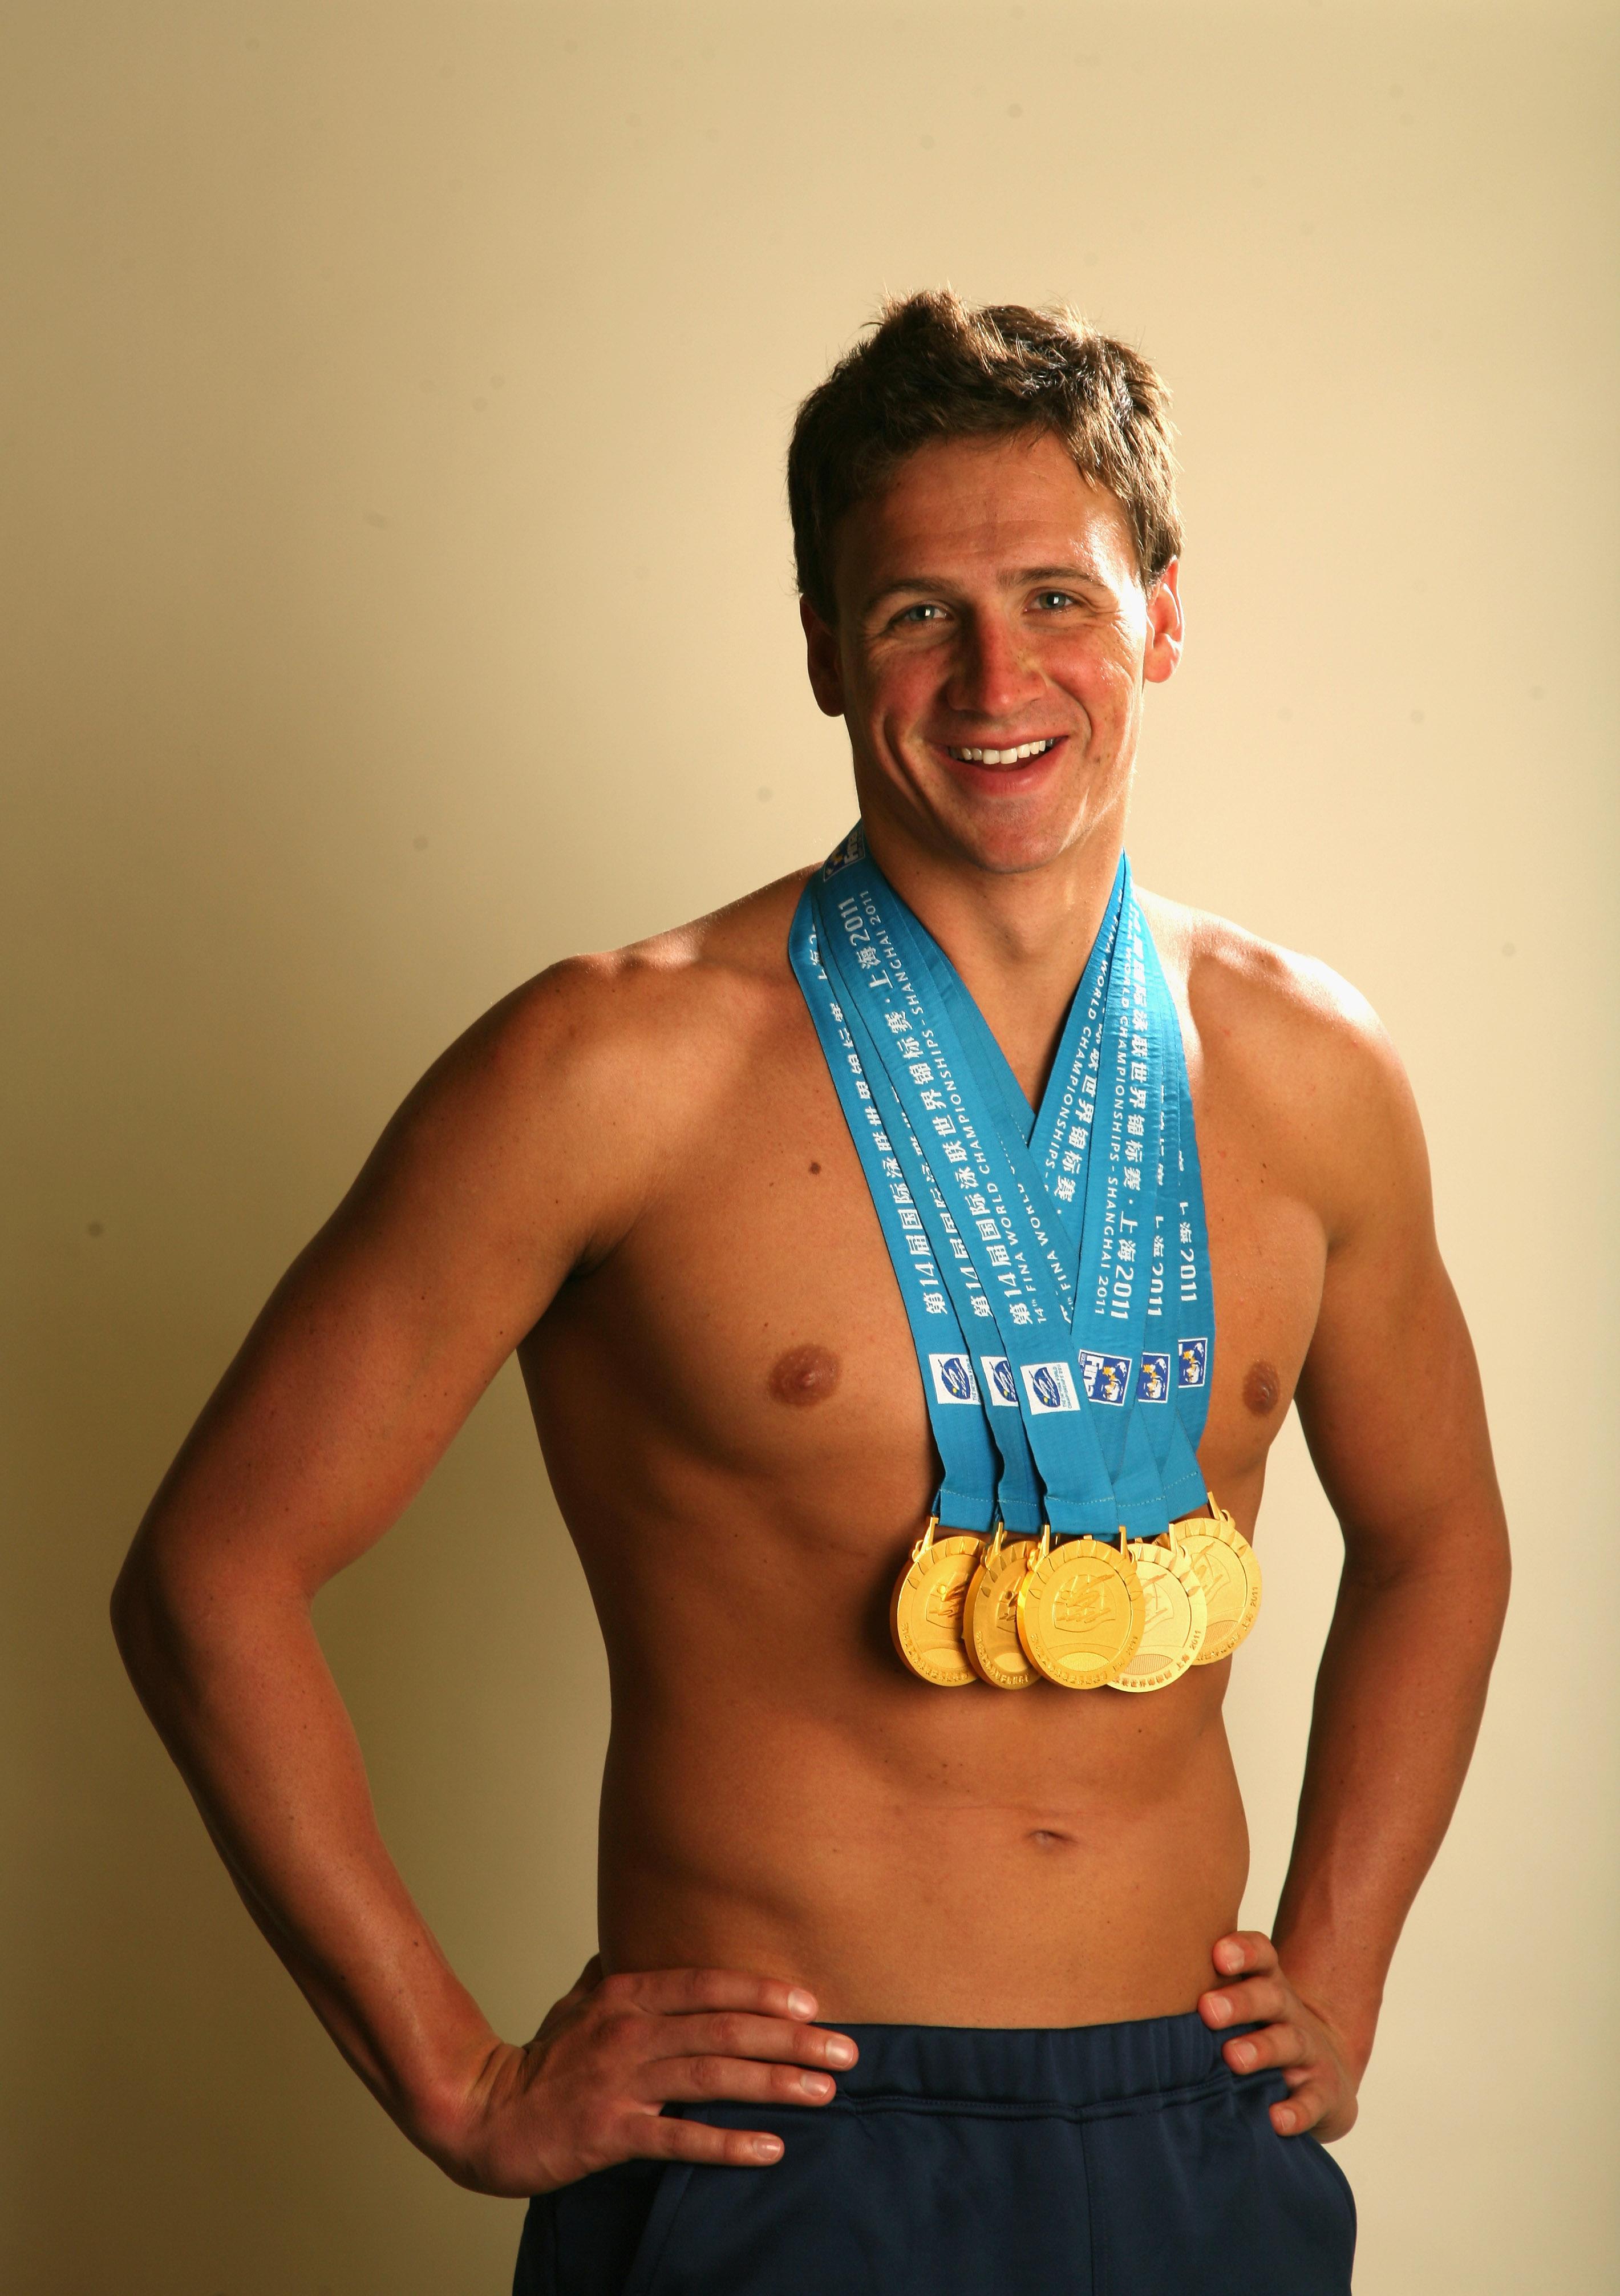 Hot Male Athletes